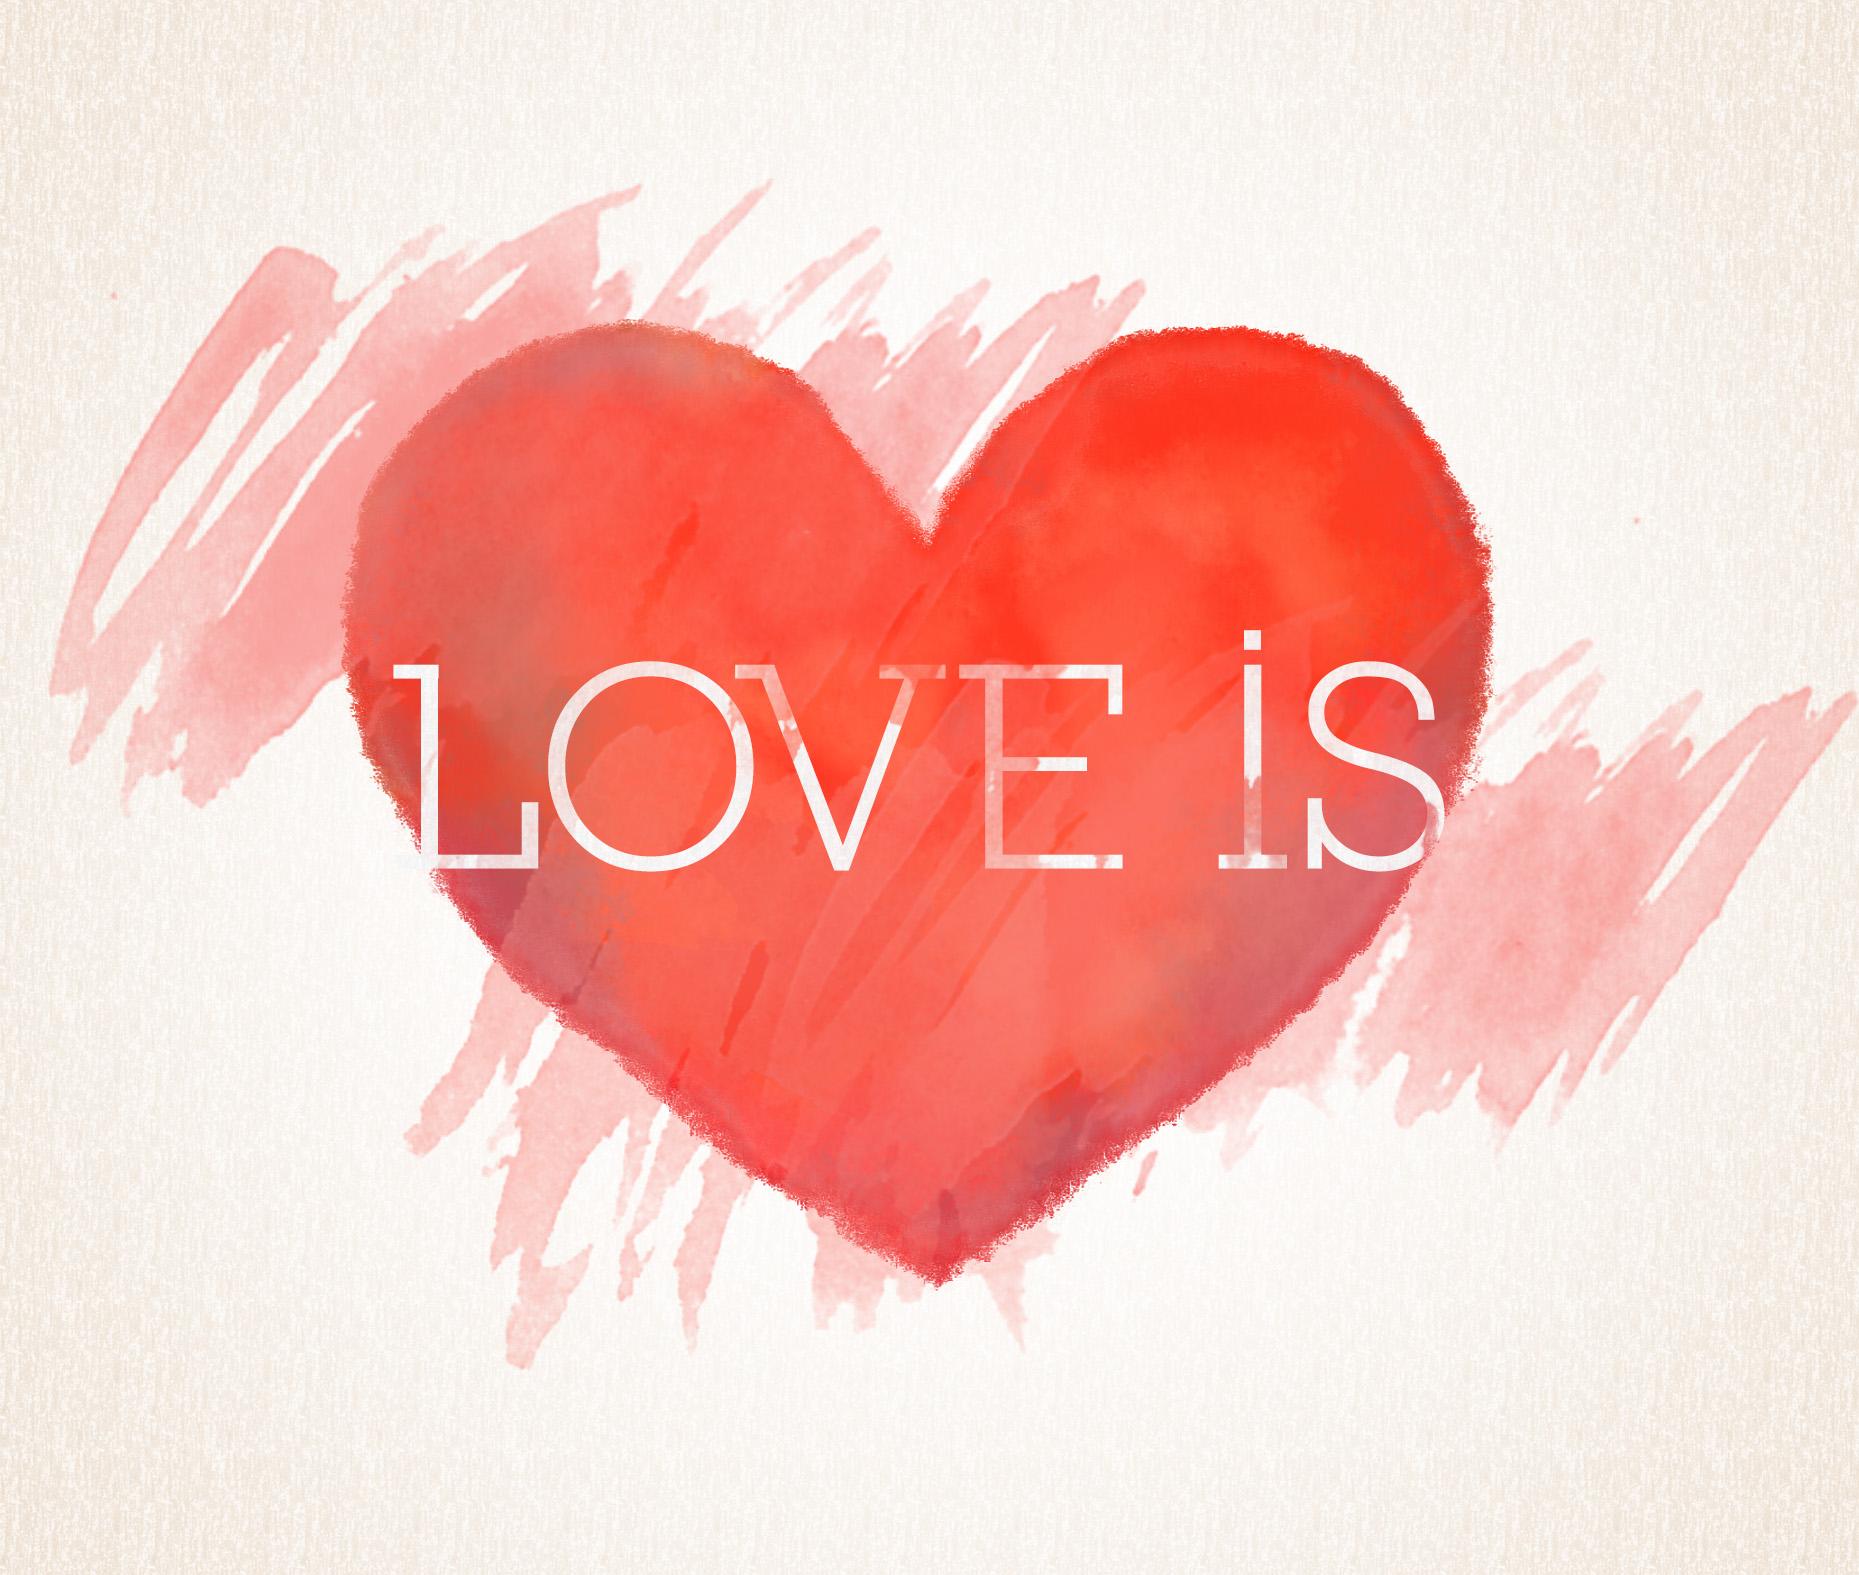 Love Is_square.jpg